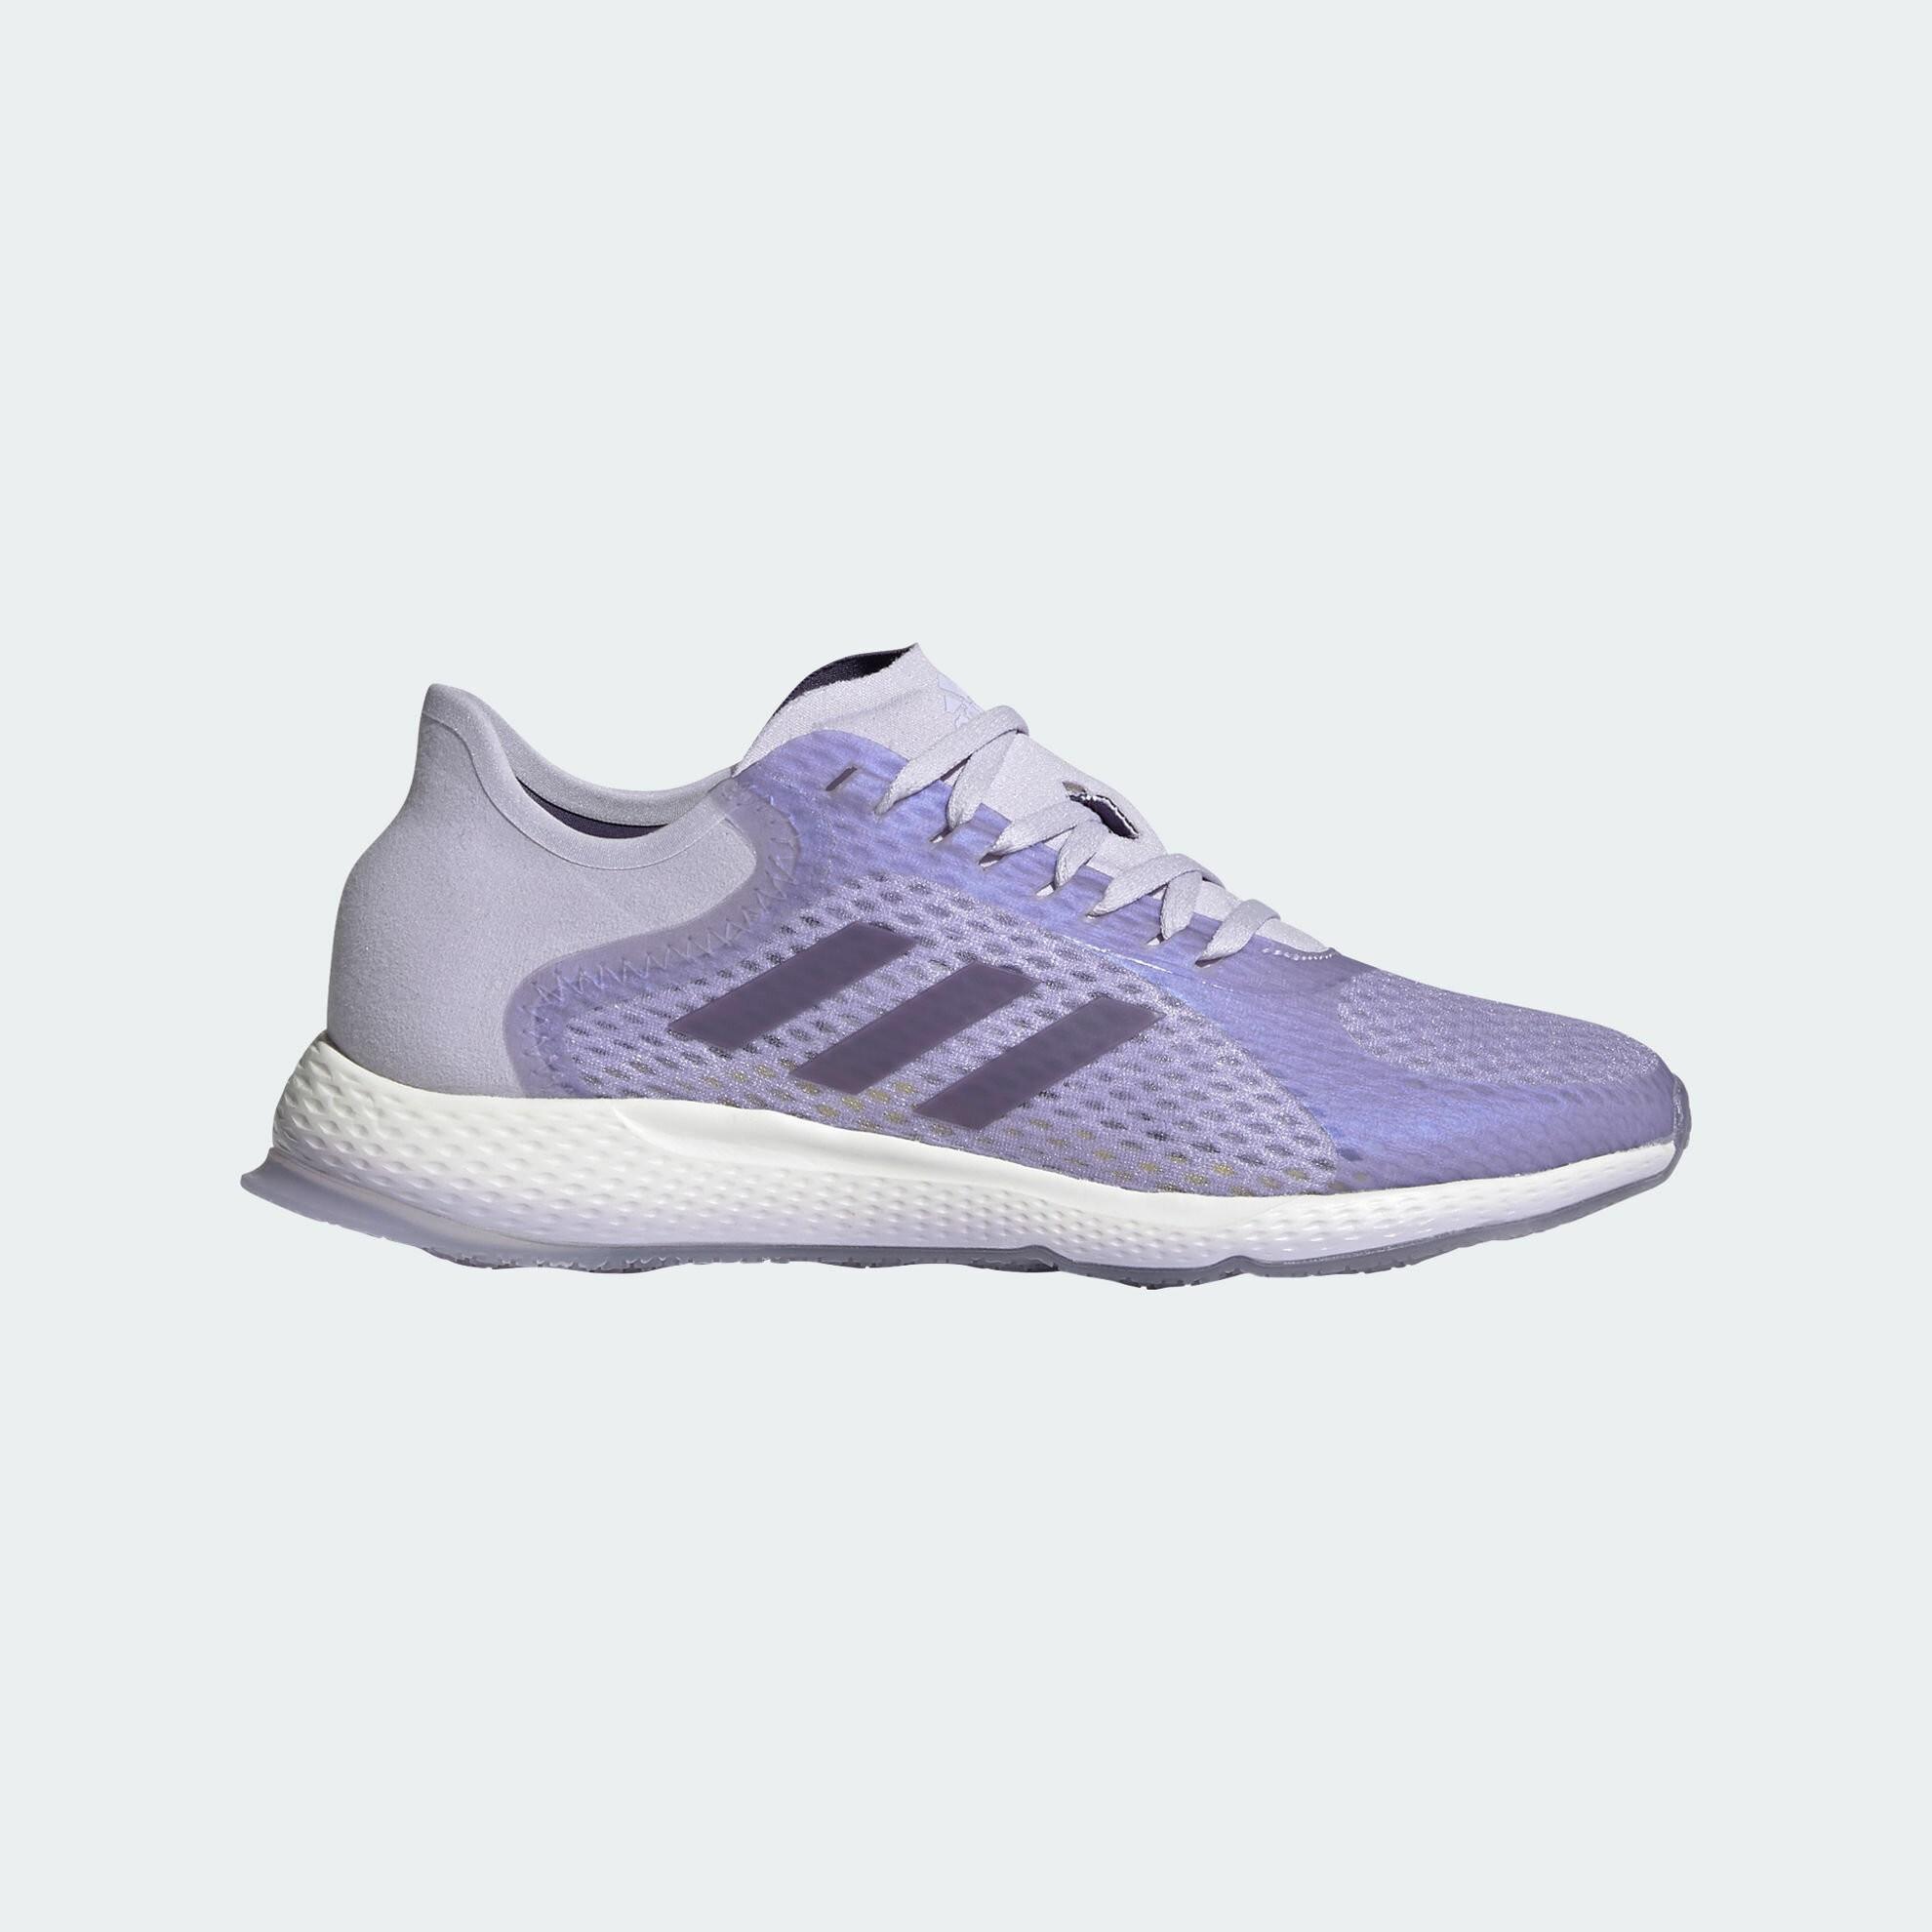 أشكال ملابس رياضية-حذاء جري اديداس